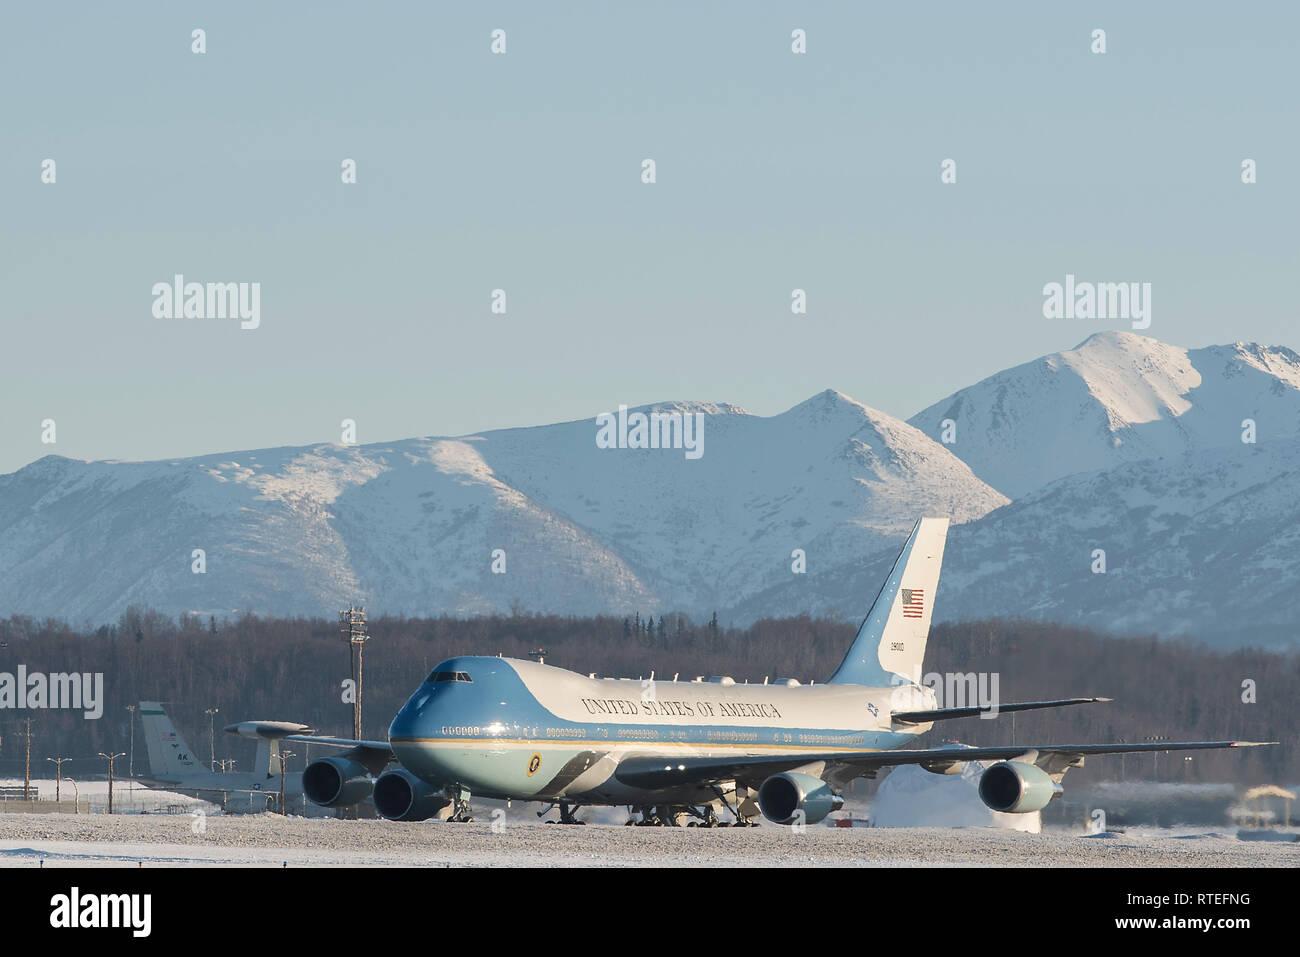 File:Air Force One at Elmendorf Air Force Base.jpg